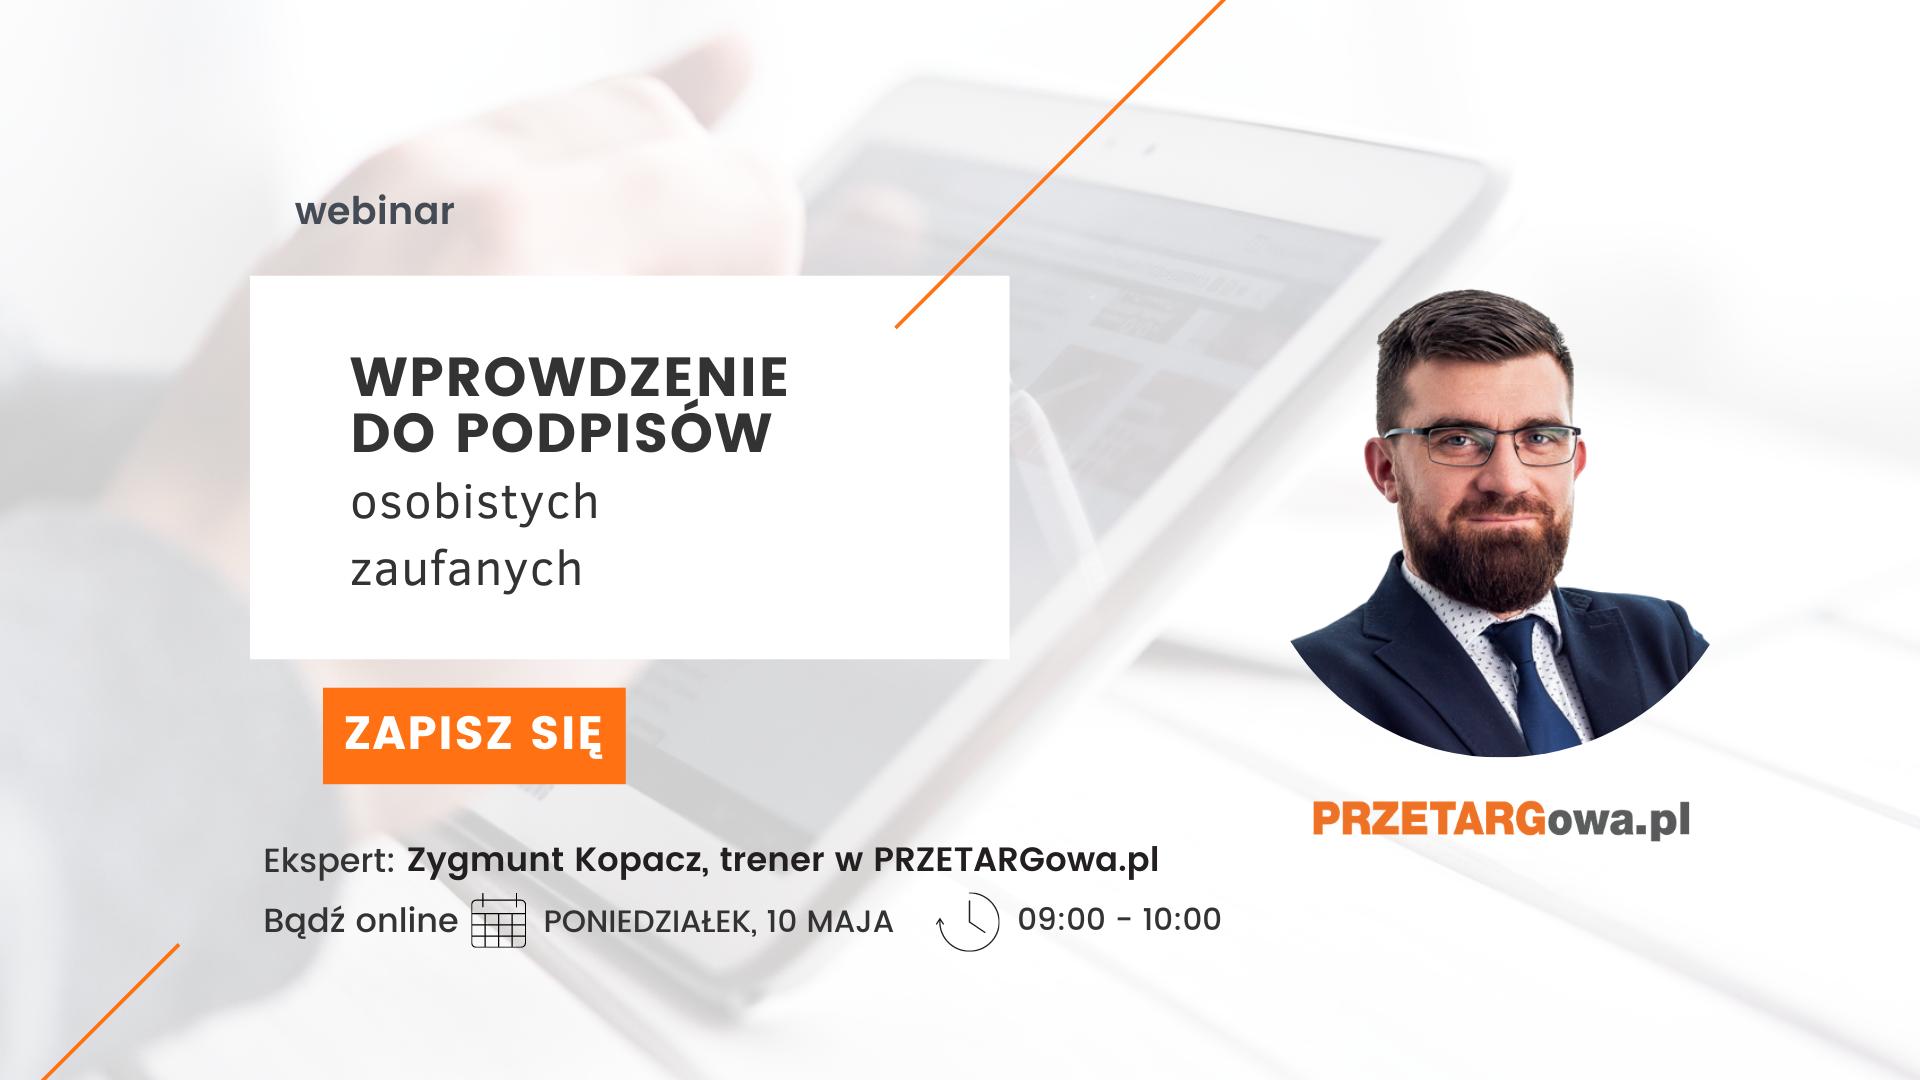 Zygmunt Kopacz - podpisy zaufany i osobisty-1